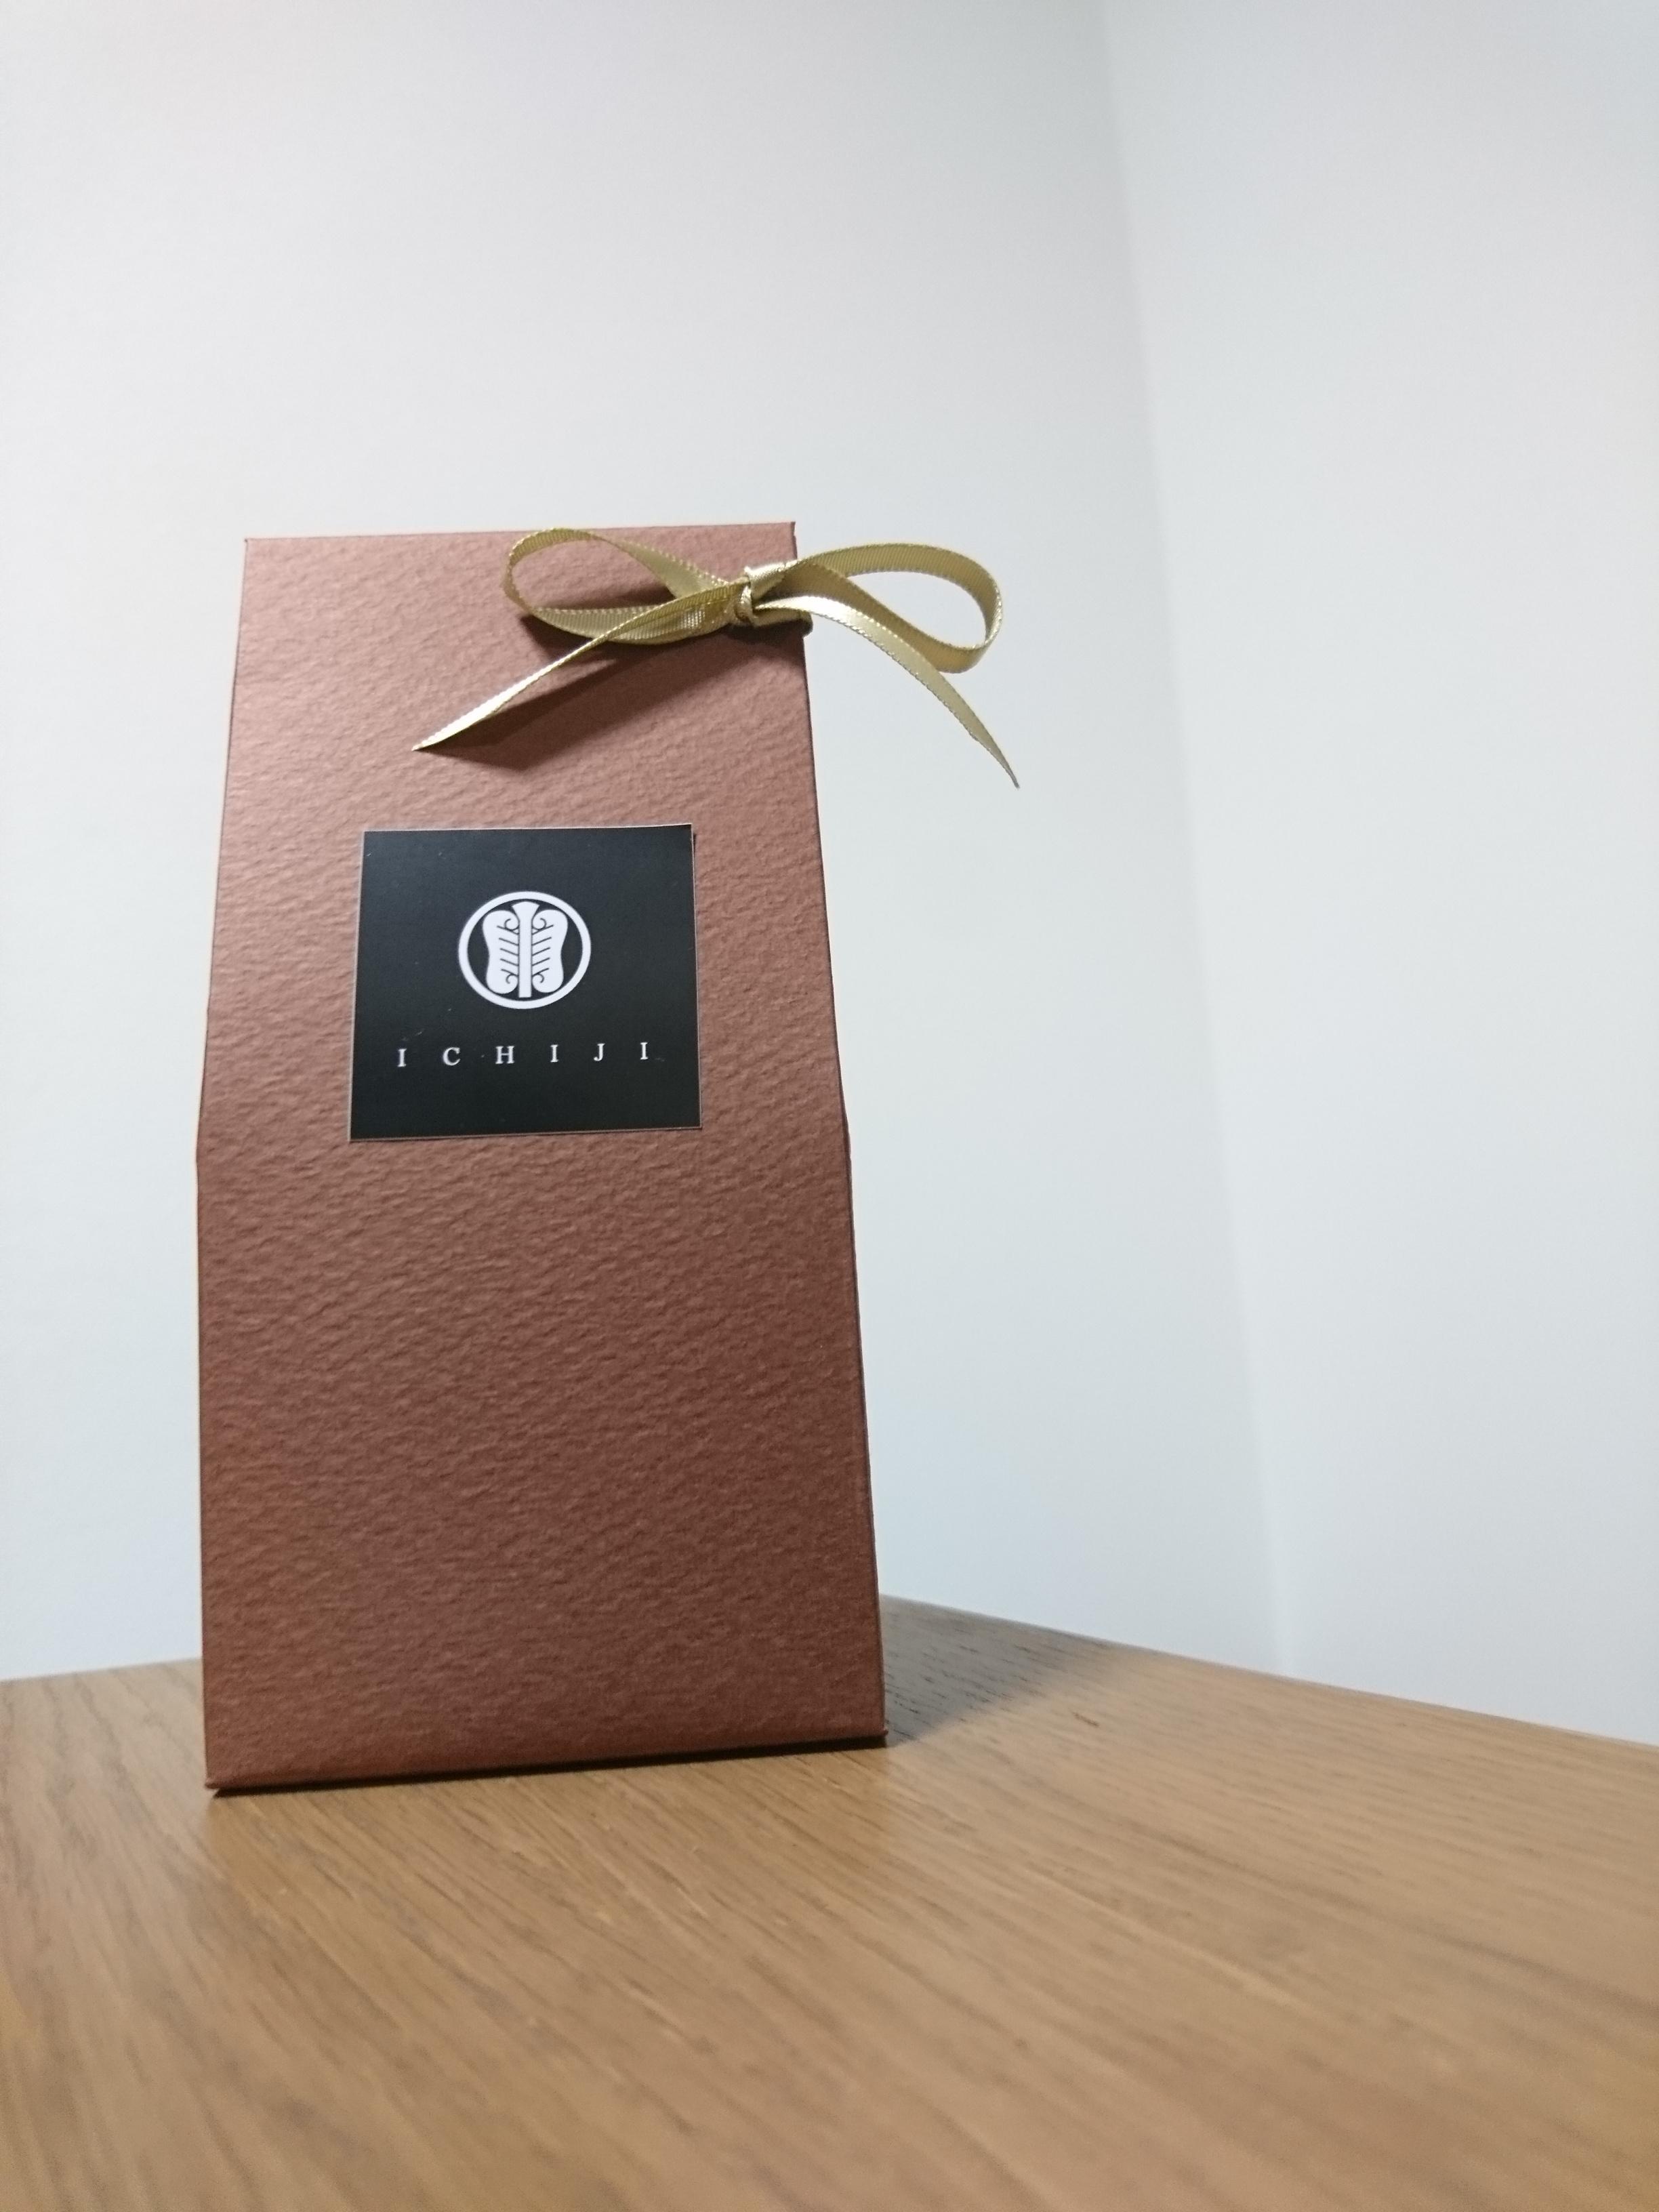 ≪関西・兵庫県・芦屋≫ゆったりカフェスペースあり♡ チョコレート専門店ICHIJI_3